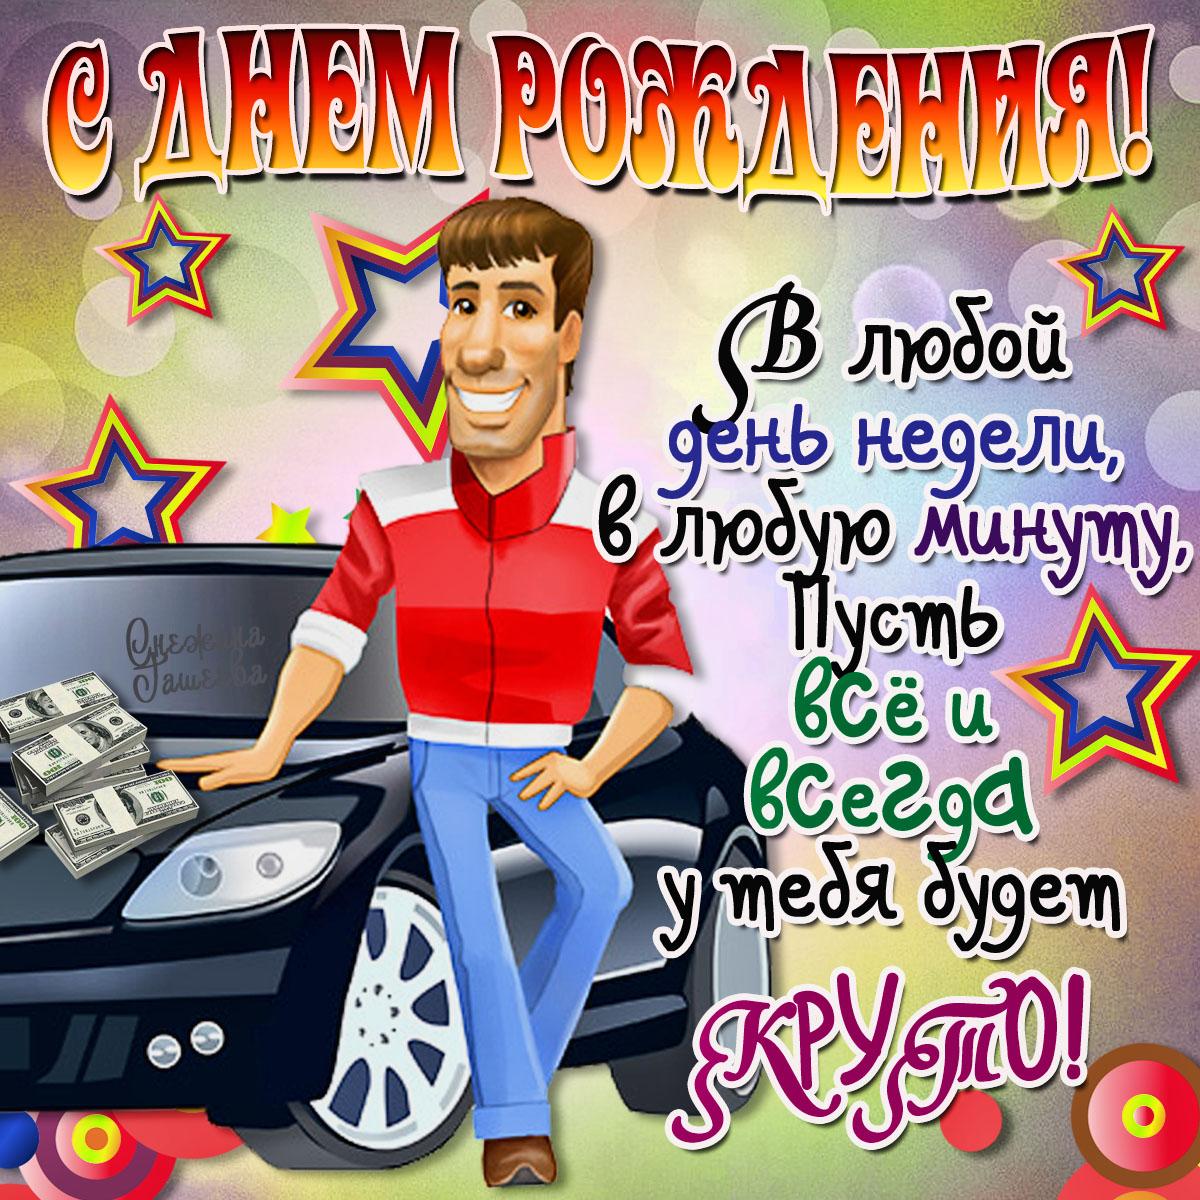 С днем рождения Андрей Волков!!! 23c9d4fbb05e7afc8091a5fa80d7b9f7